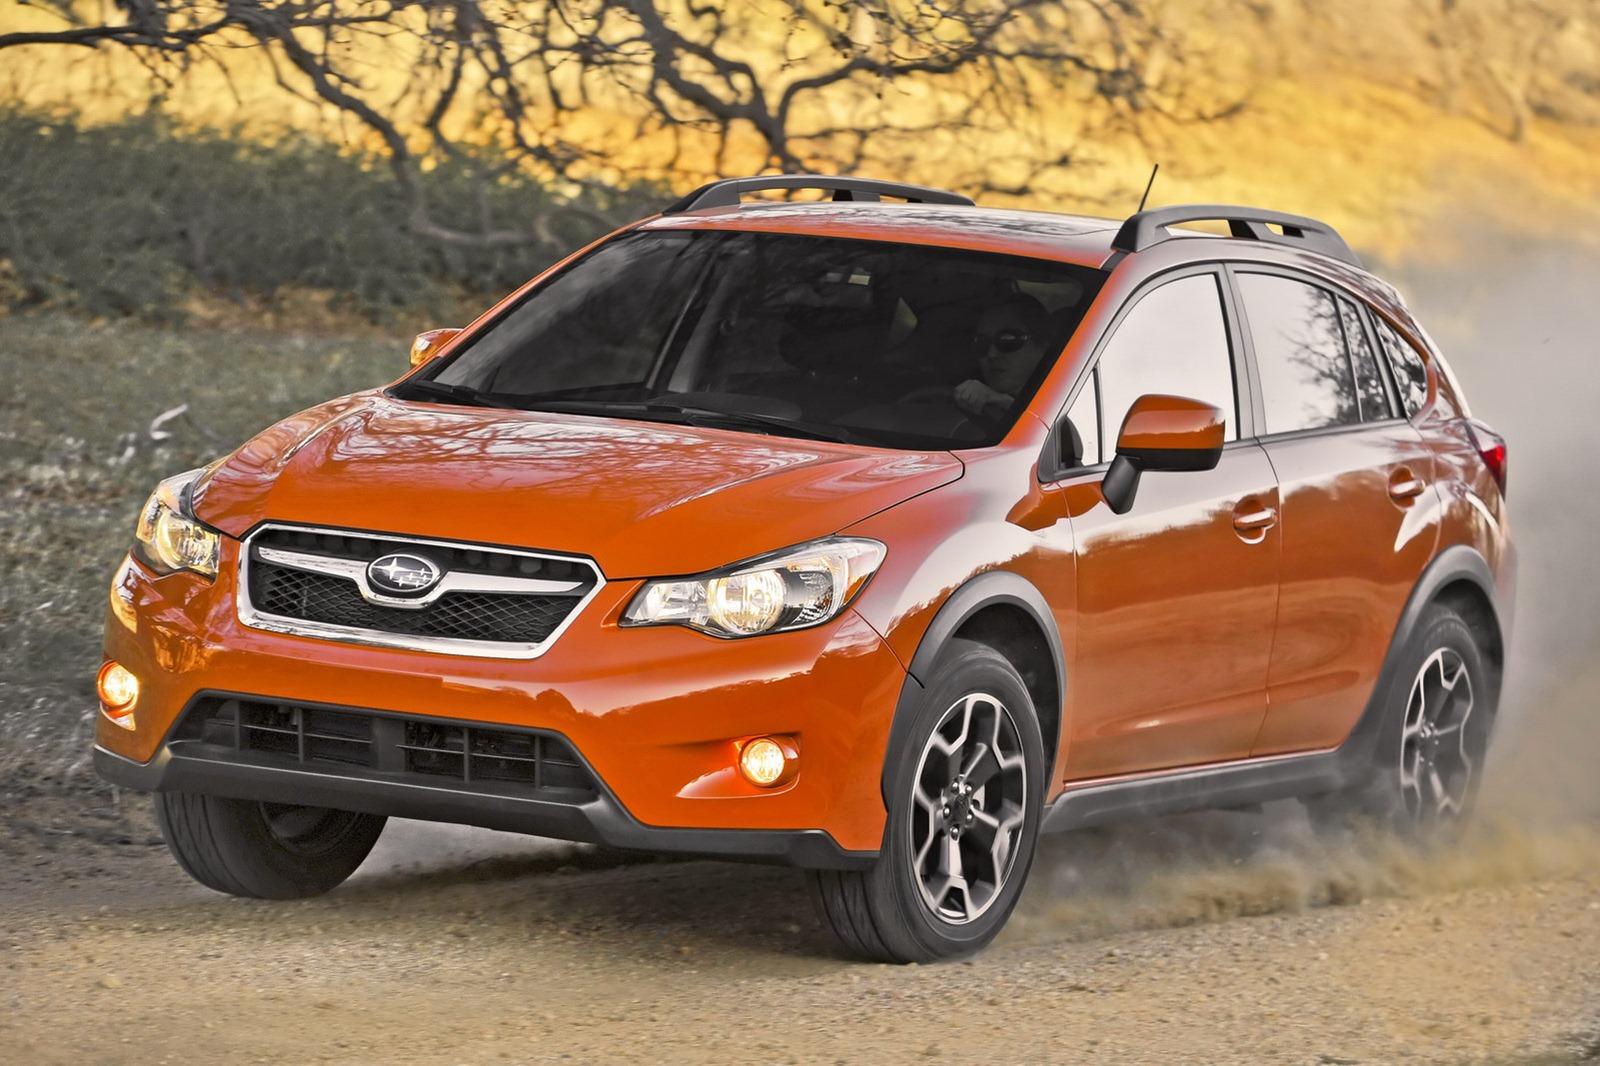 Most Wanted Cars Subaru Xv Crosstrek 2013